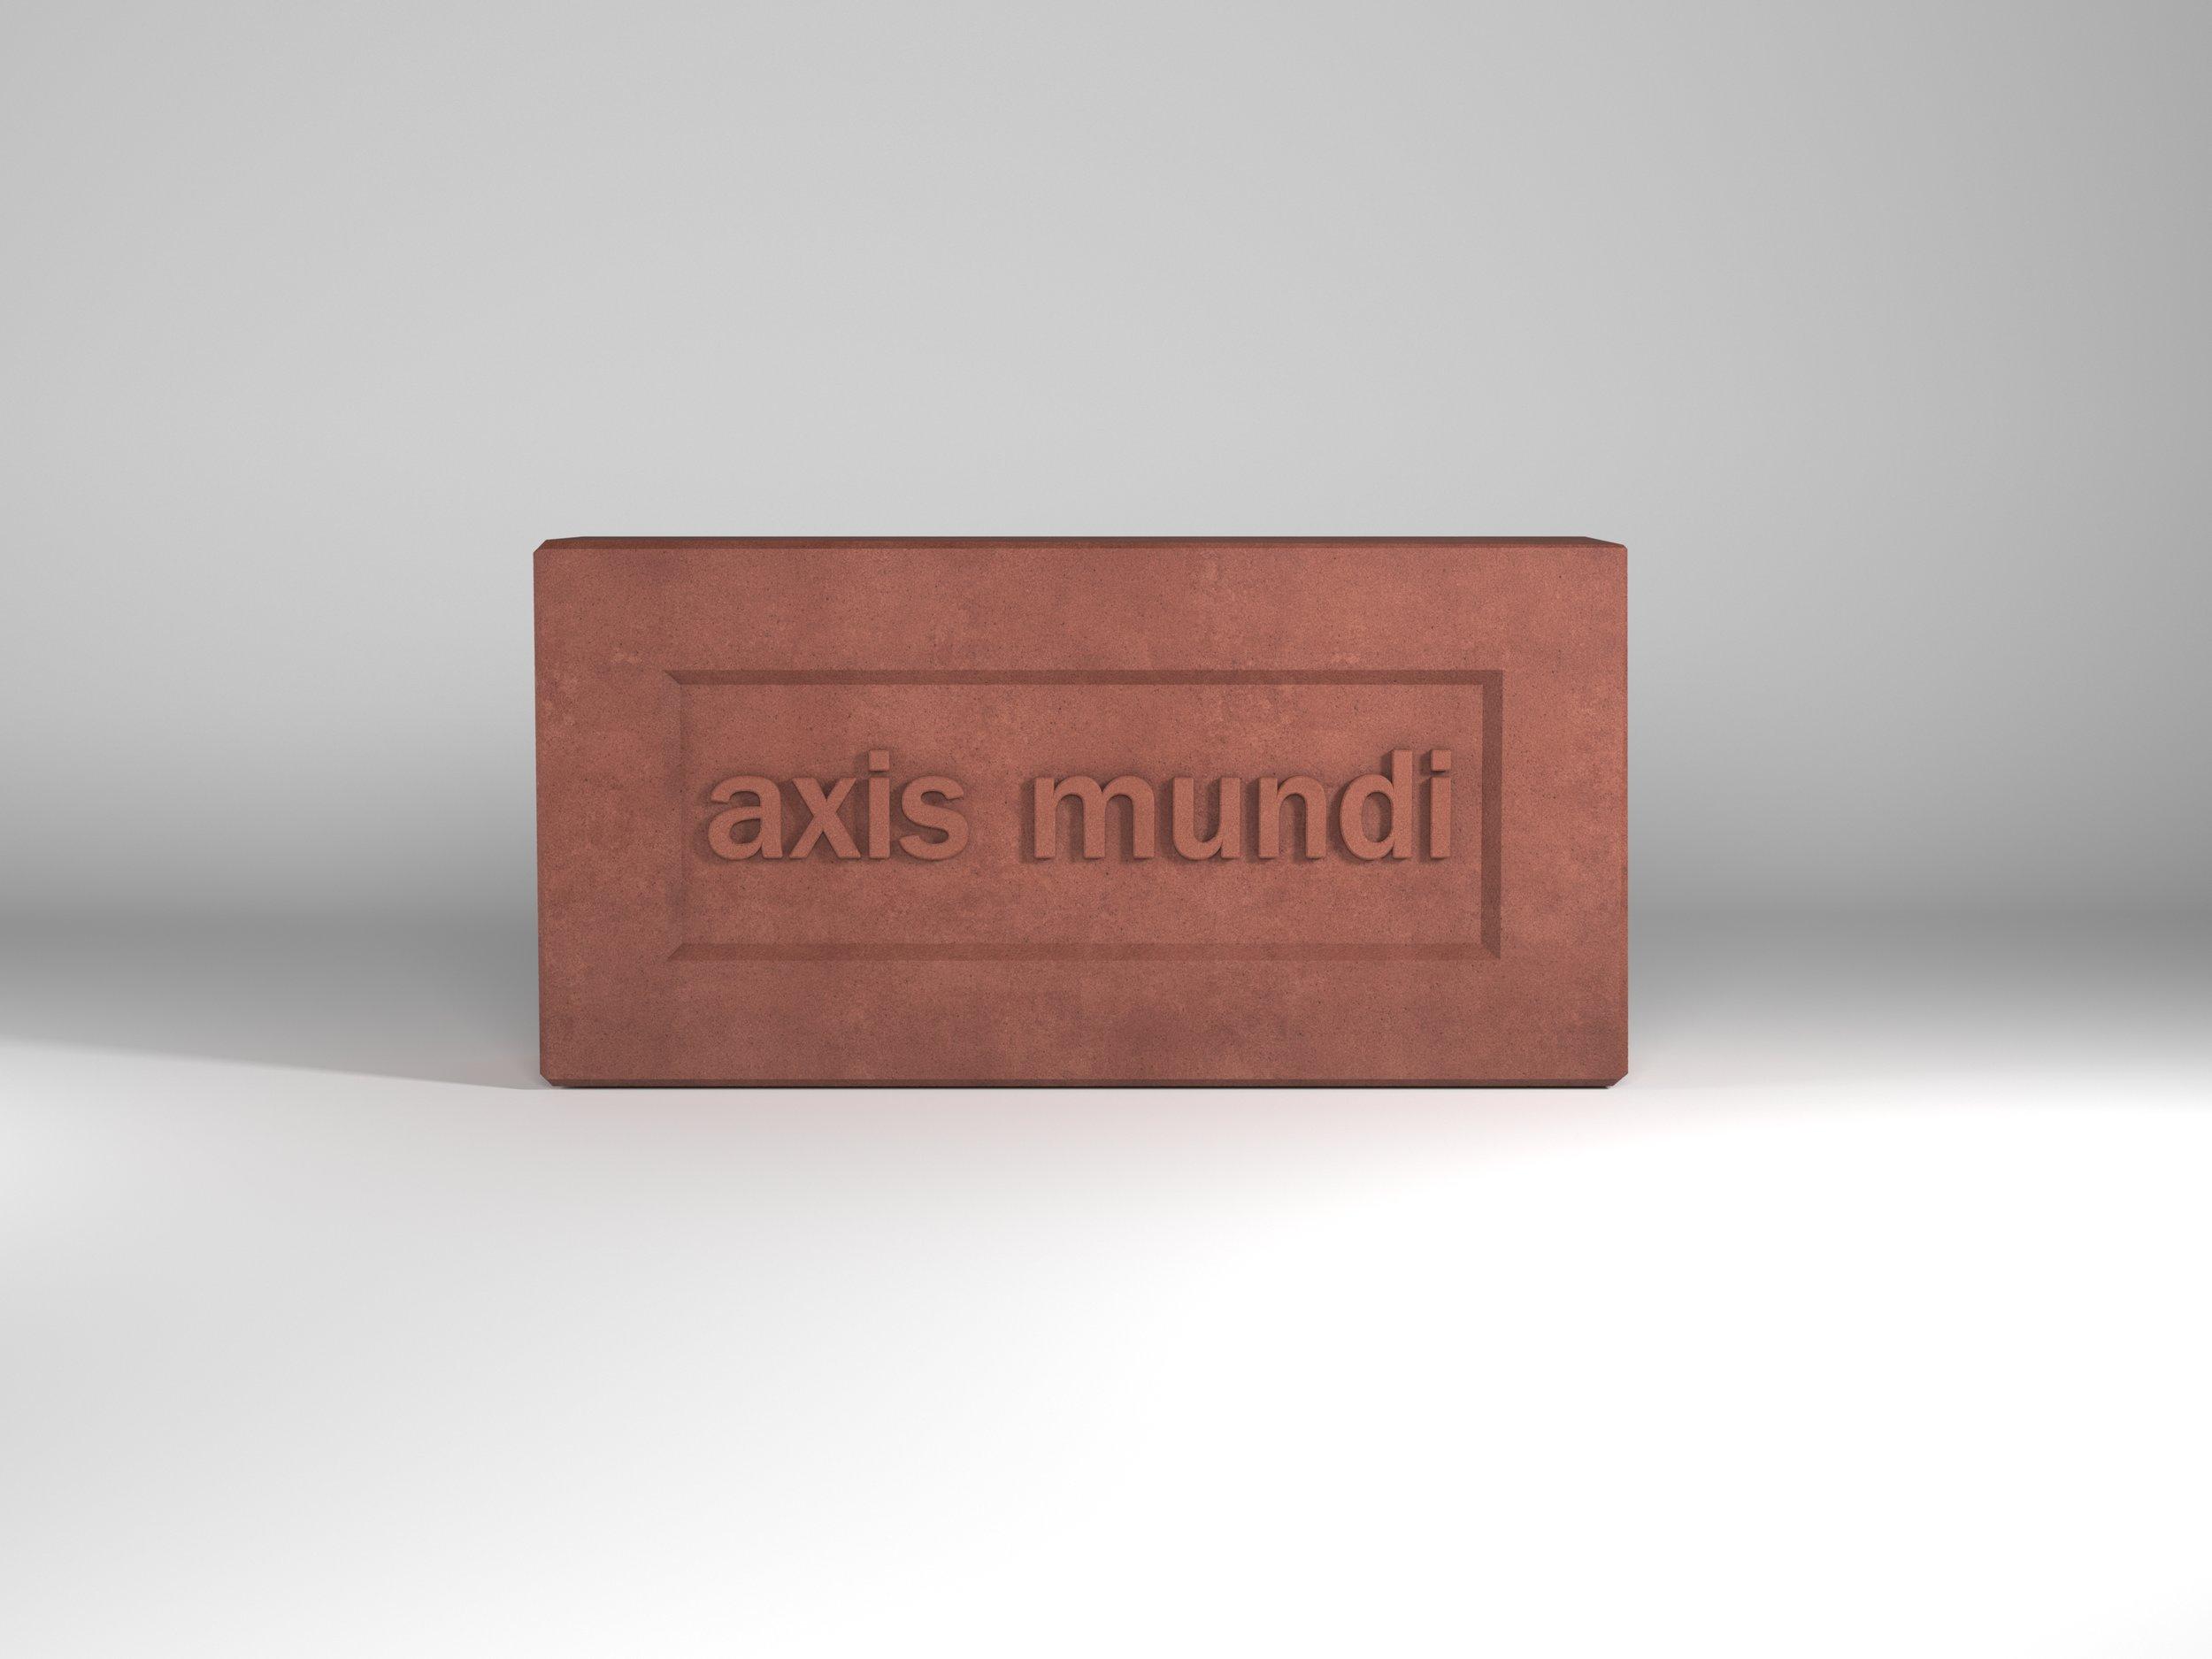 Brick_axis mundi_1.2.jpg